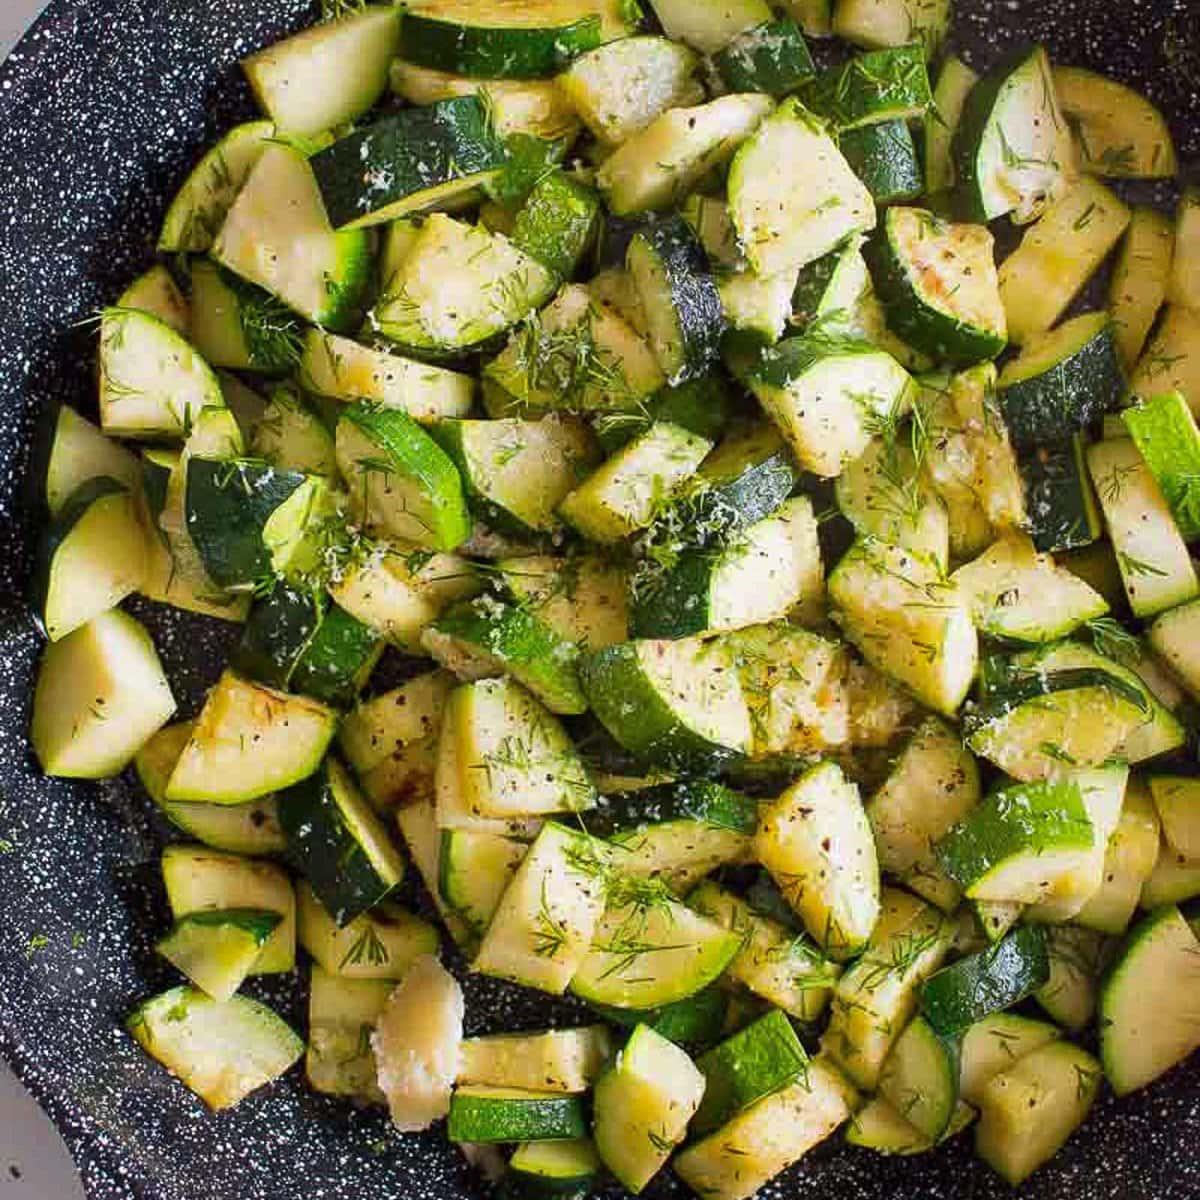 Sauteed Zucchini (5 Minutes)